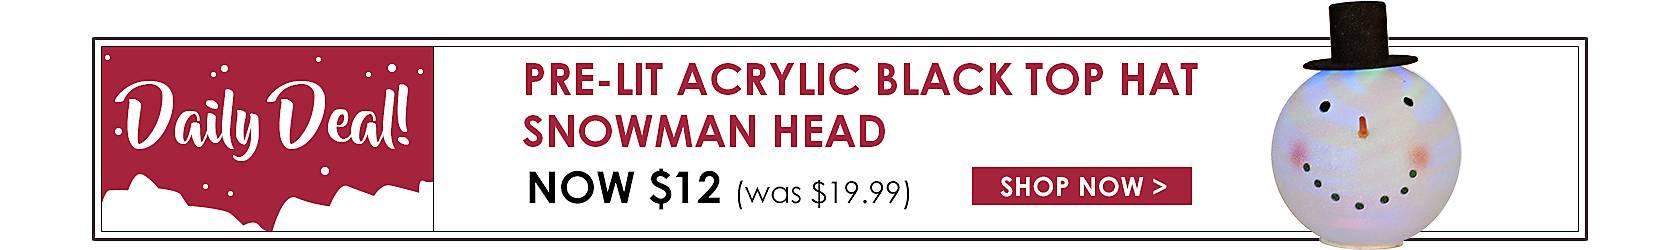 Daily Deals - Pre-Lit Acrylic Black Top Hat Snowman Head Now $12 - Shop Now